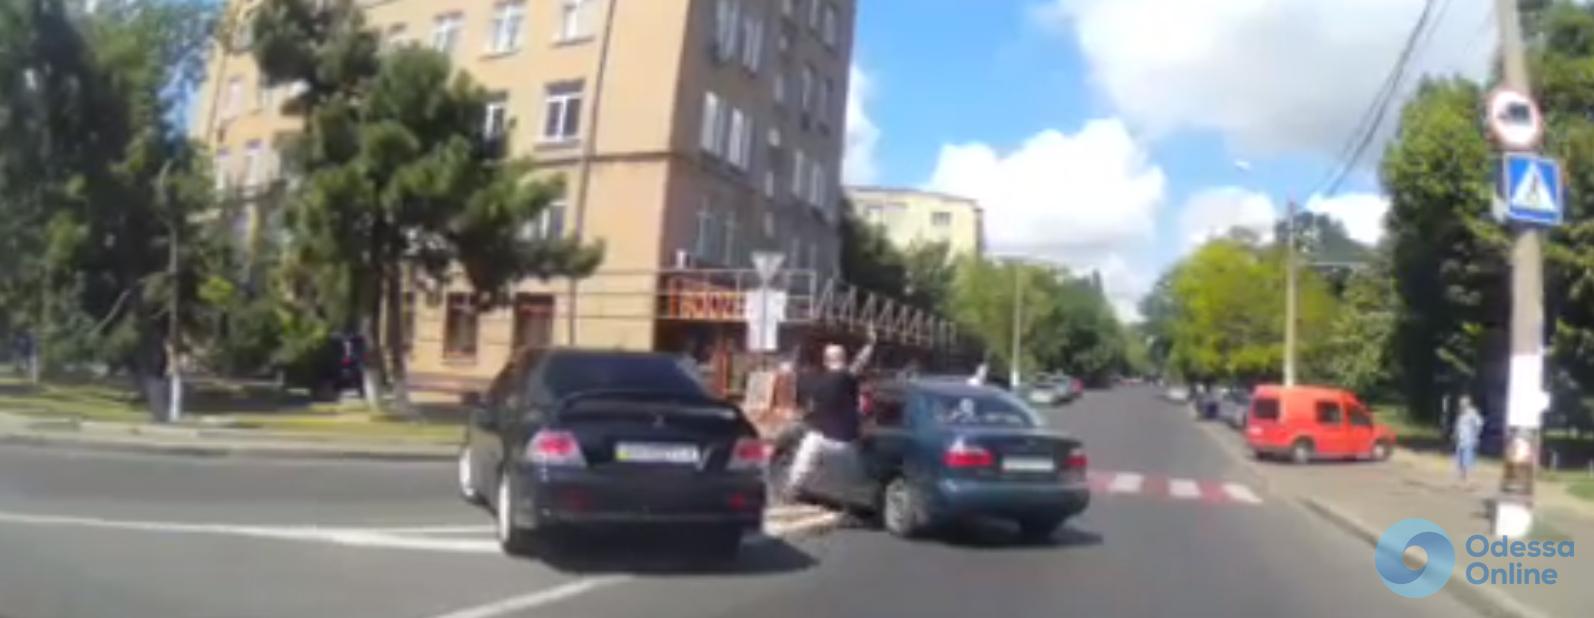 Отпинал машину: «цивилизованные» разборки одесских водителей (видеофакт)